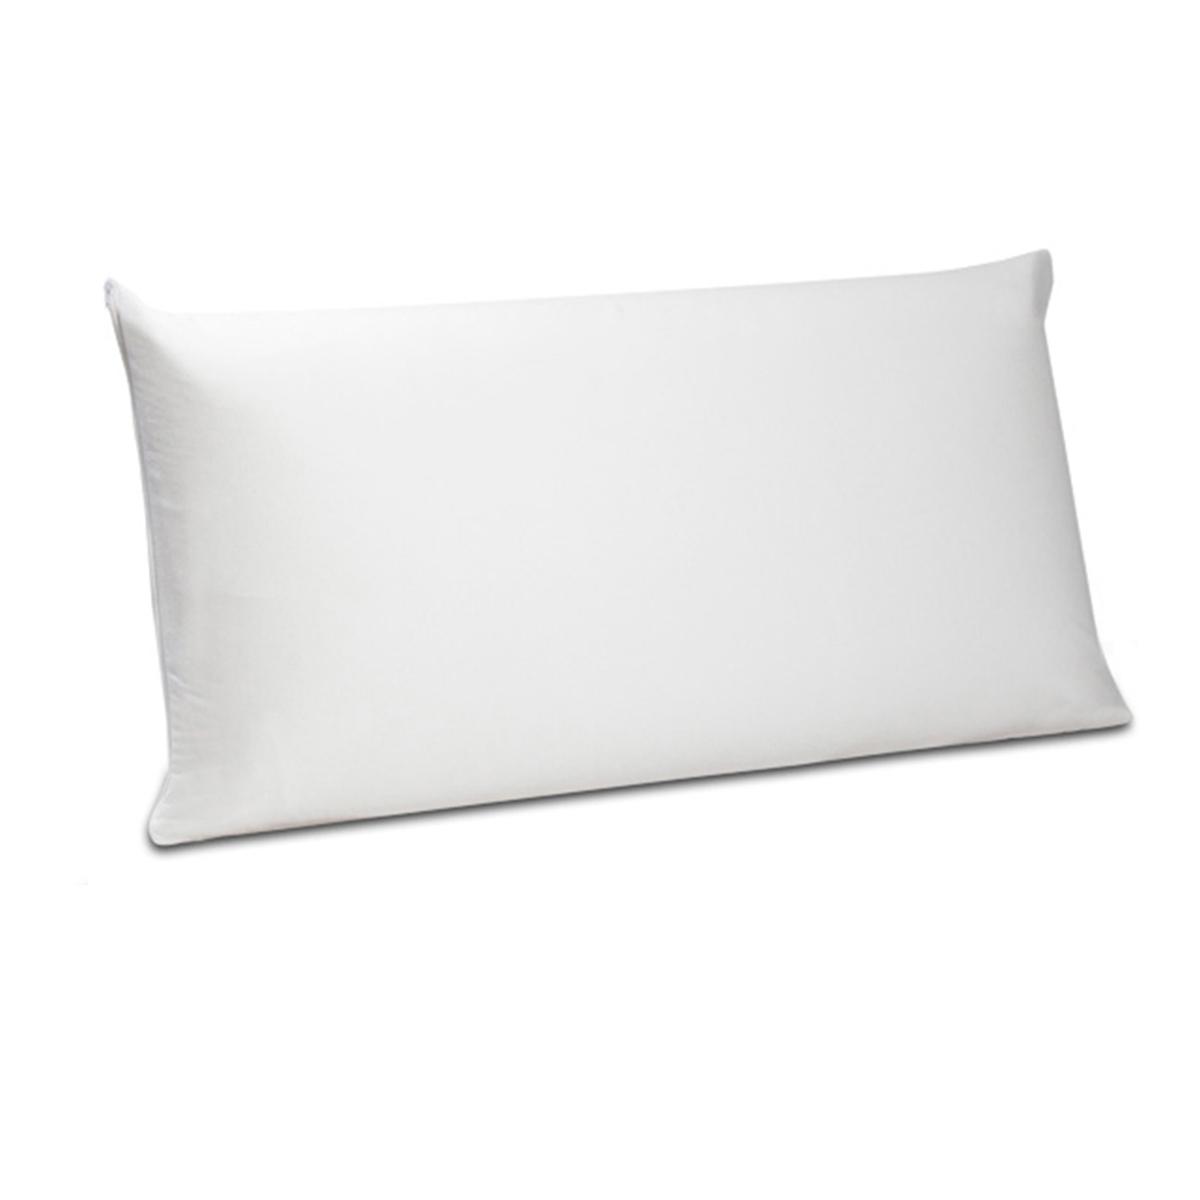 Чехол защитный непромокаемый на подушку из 100% биохлопкаЗащитный чехол на подушку из 100% биохлопка. Защитное дышащее средство для эффективной защиты подушки от влаги.Характеристики защитного чехла на подушку из 100% биохлопка :Джерси, 100% биохлопок (135 г/м?) со слоем полиуретановой пленки (40 г/м2), прозрачной и дышащей.Застежка на молнию.Машинная стирка при температуре до 60 °С.<br><br>Цвет: экрю